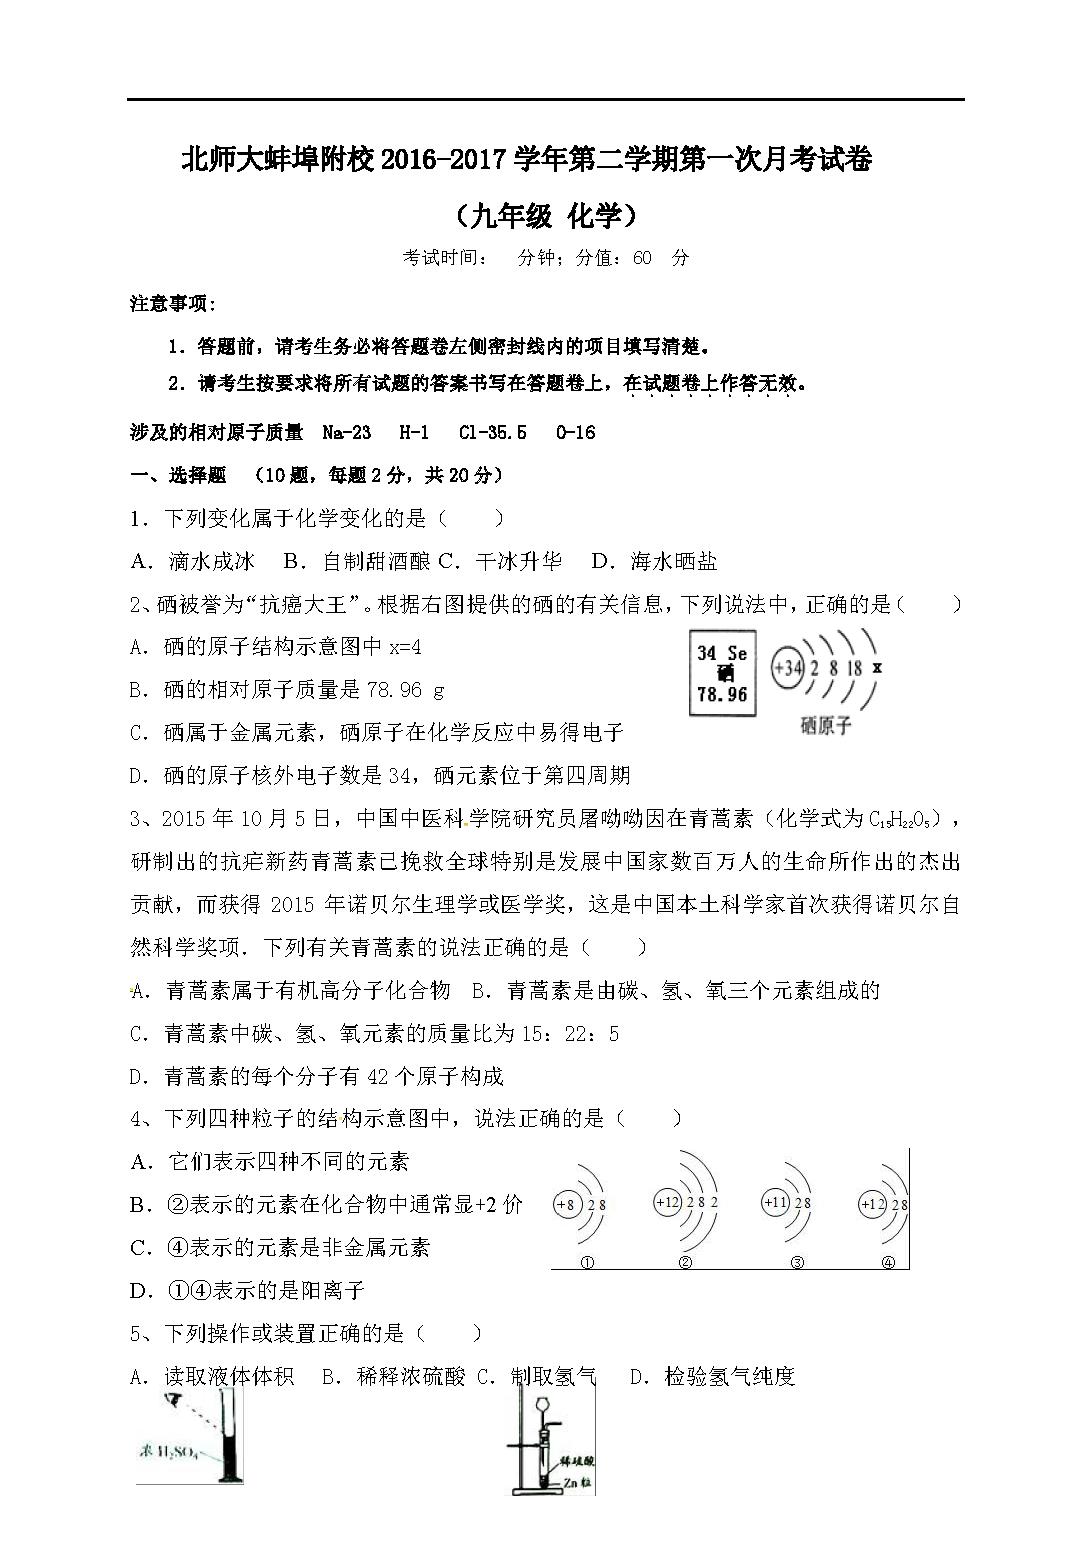 北京师范大学蚌埠附属学校2017九年级下第一次月考化学试题(Word版)